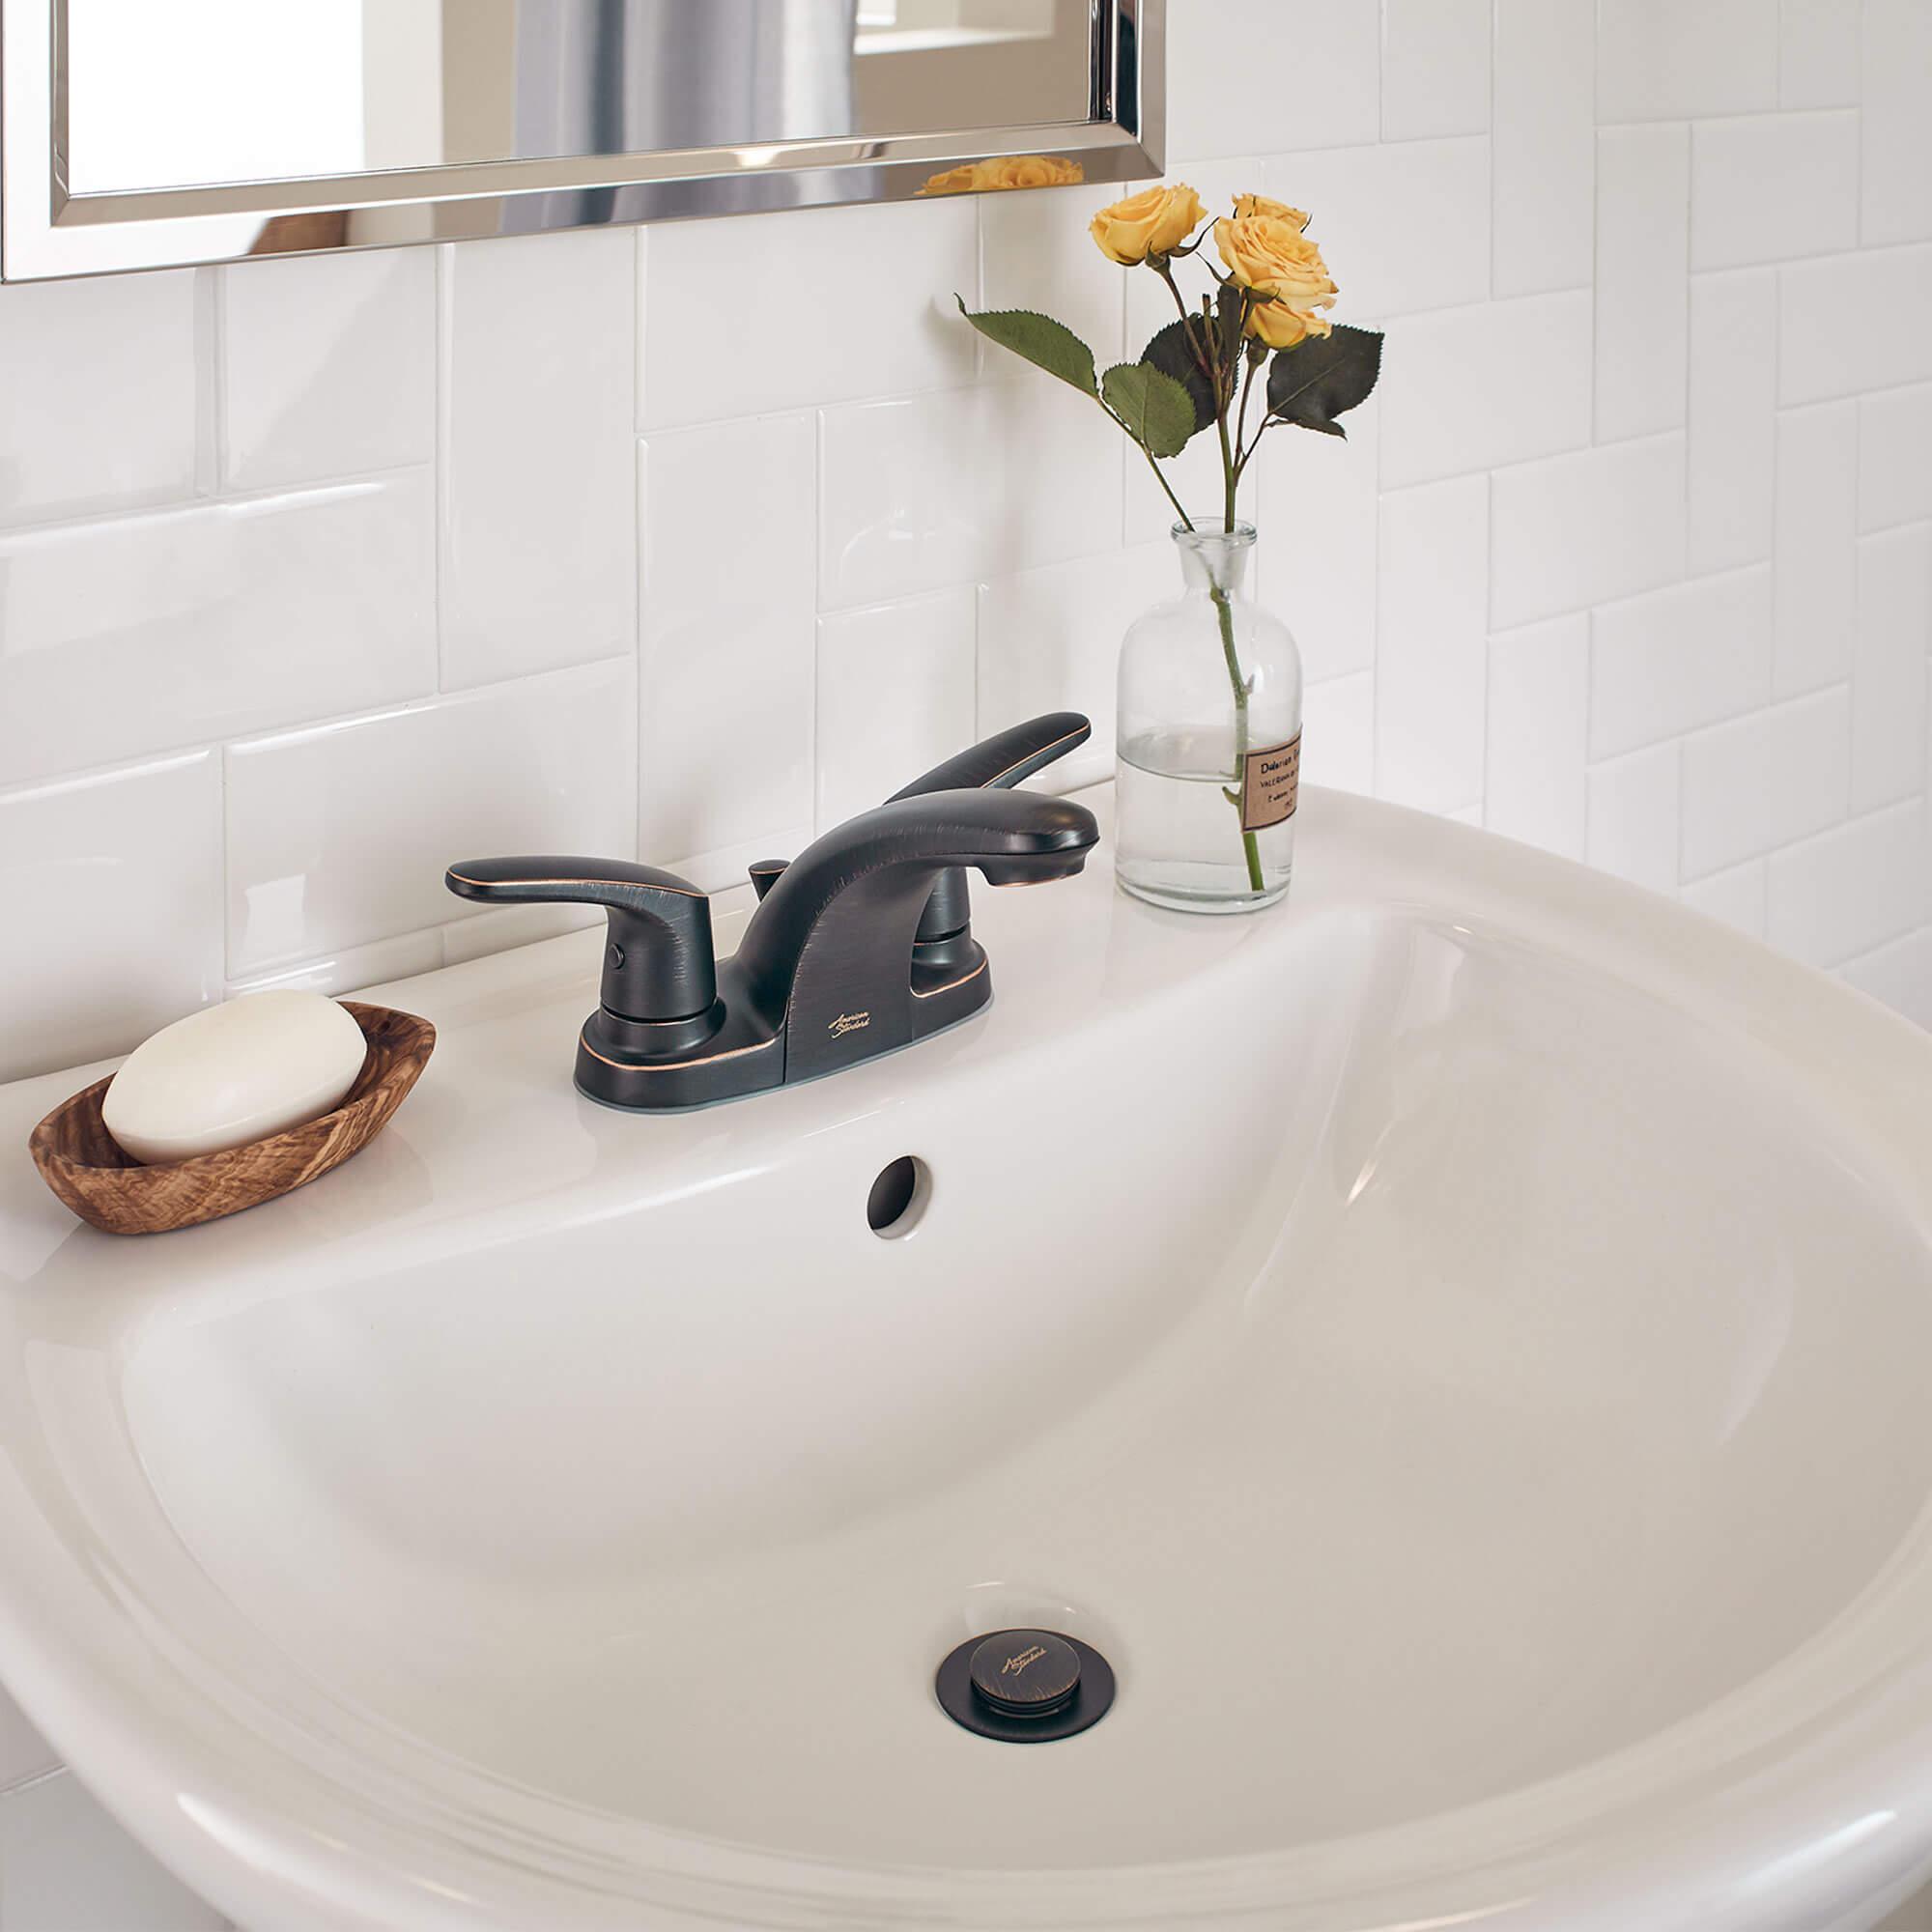 Colony PRO Bathroom Faucet